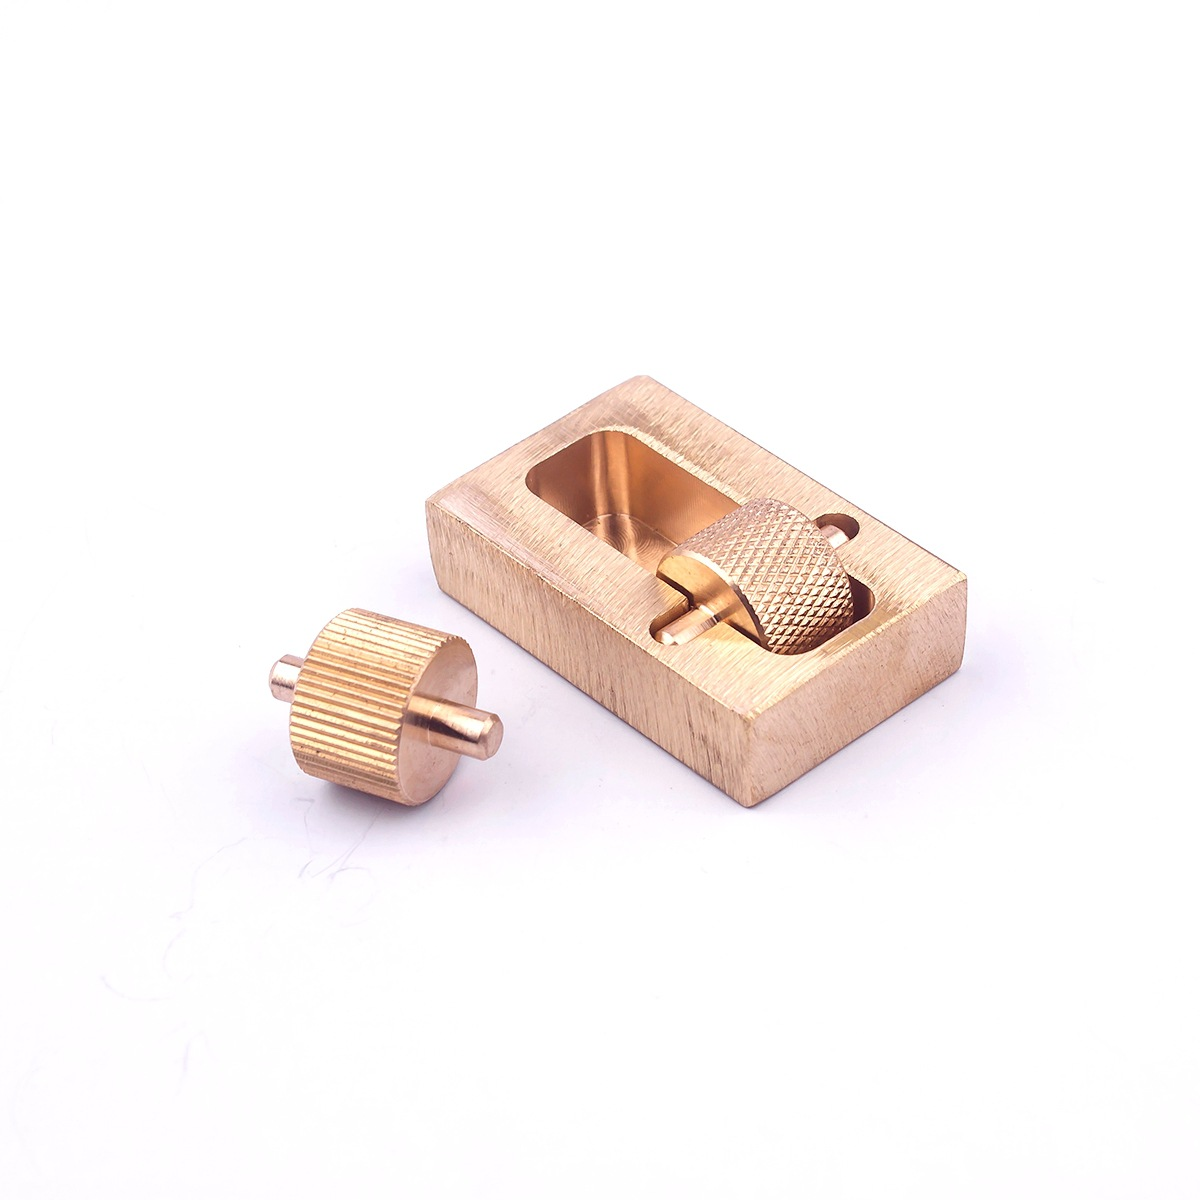 Caja de pintura de cuero Borde de cuero Caja de pintura al /óleo Borde superior de cuero Tinte de borde de aceite Aplicador de la caja Herramienta de tratamiento de bricolaje Craft Lat/ón con 2 rodillos